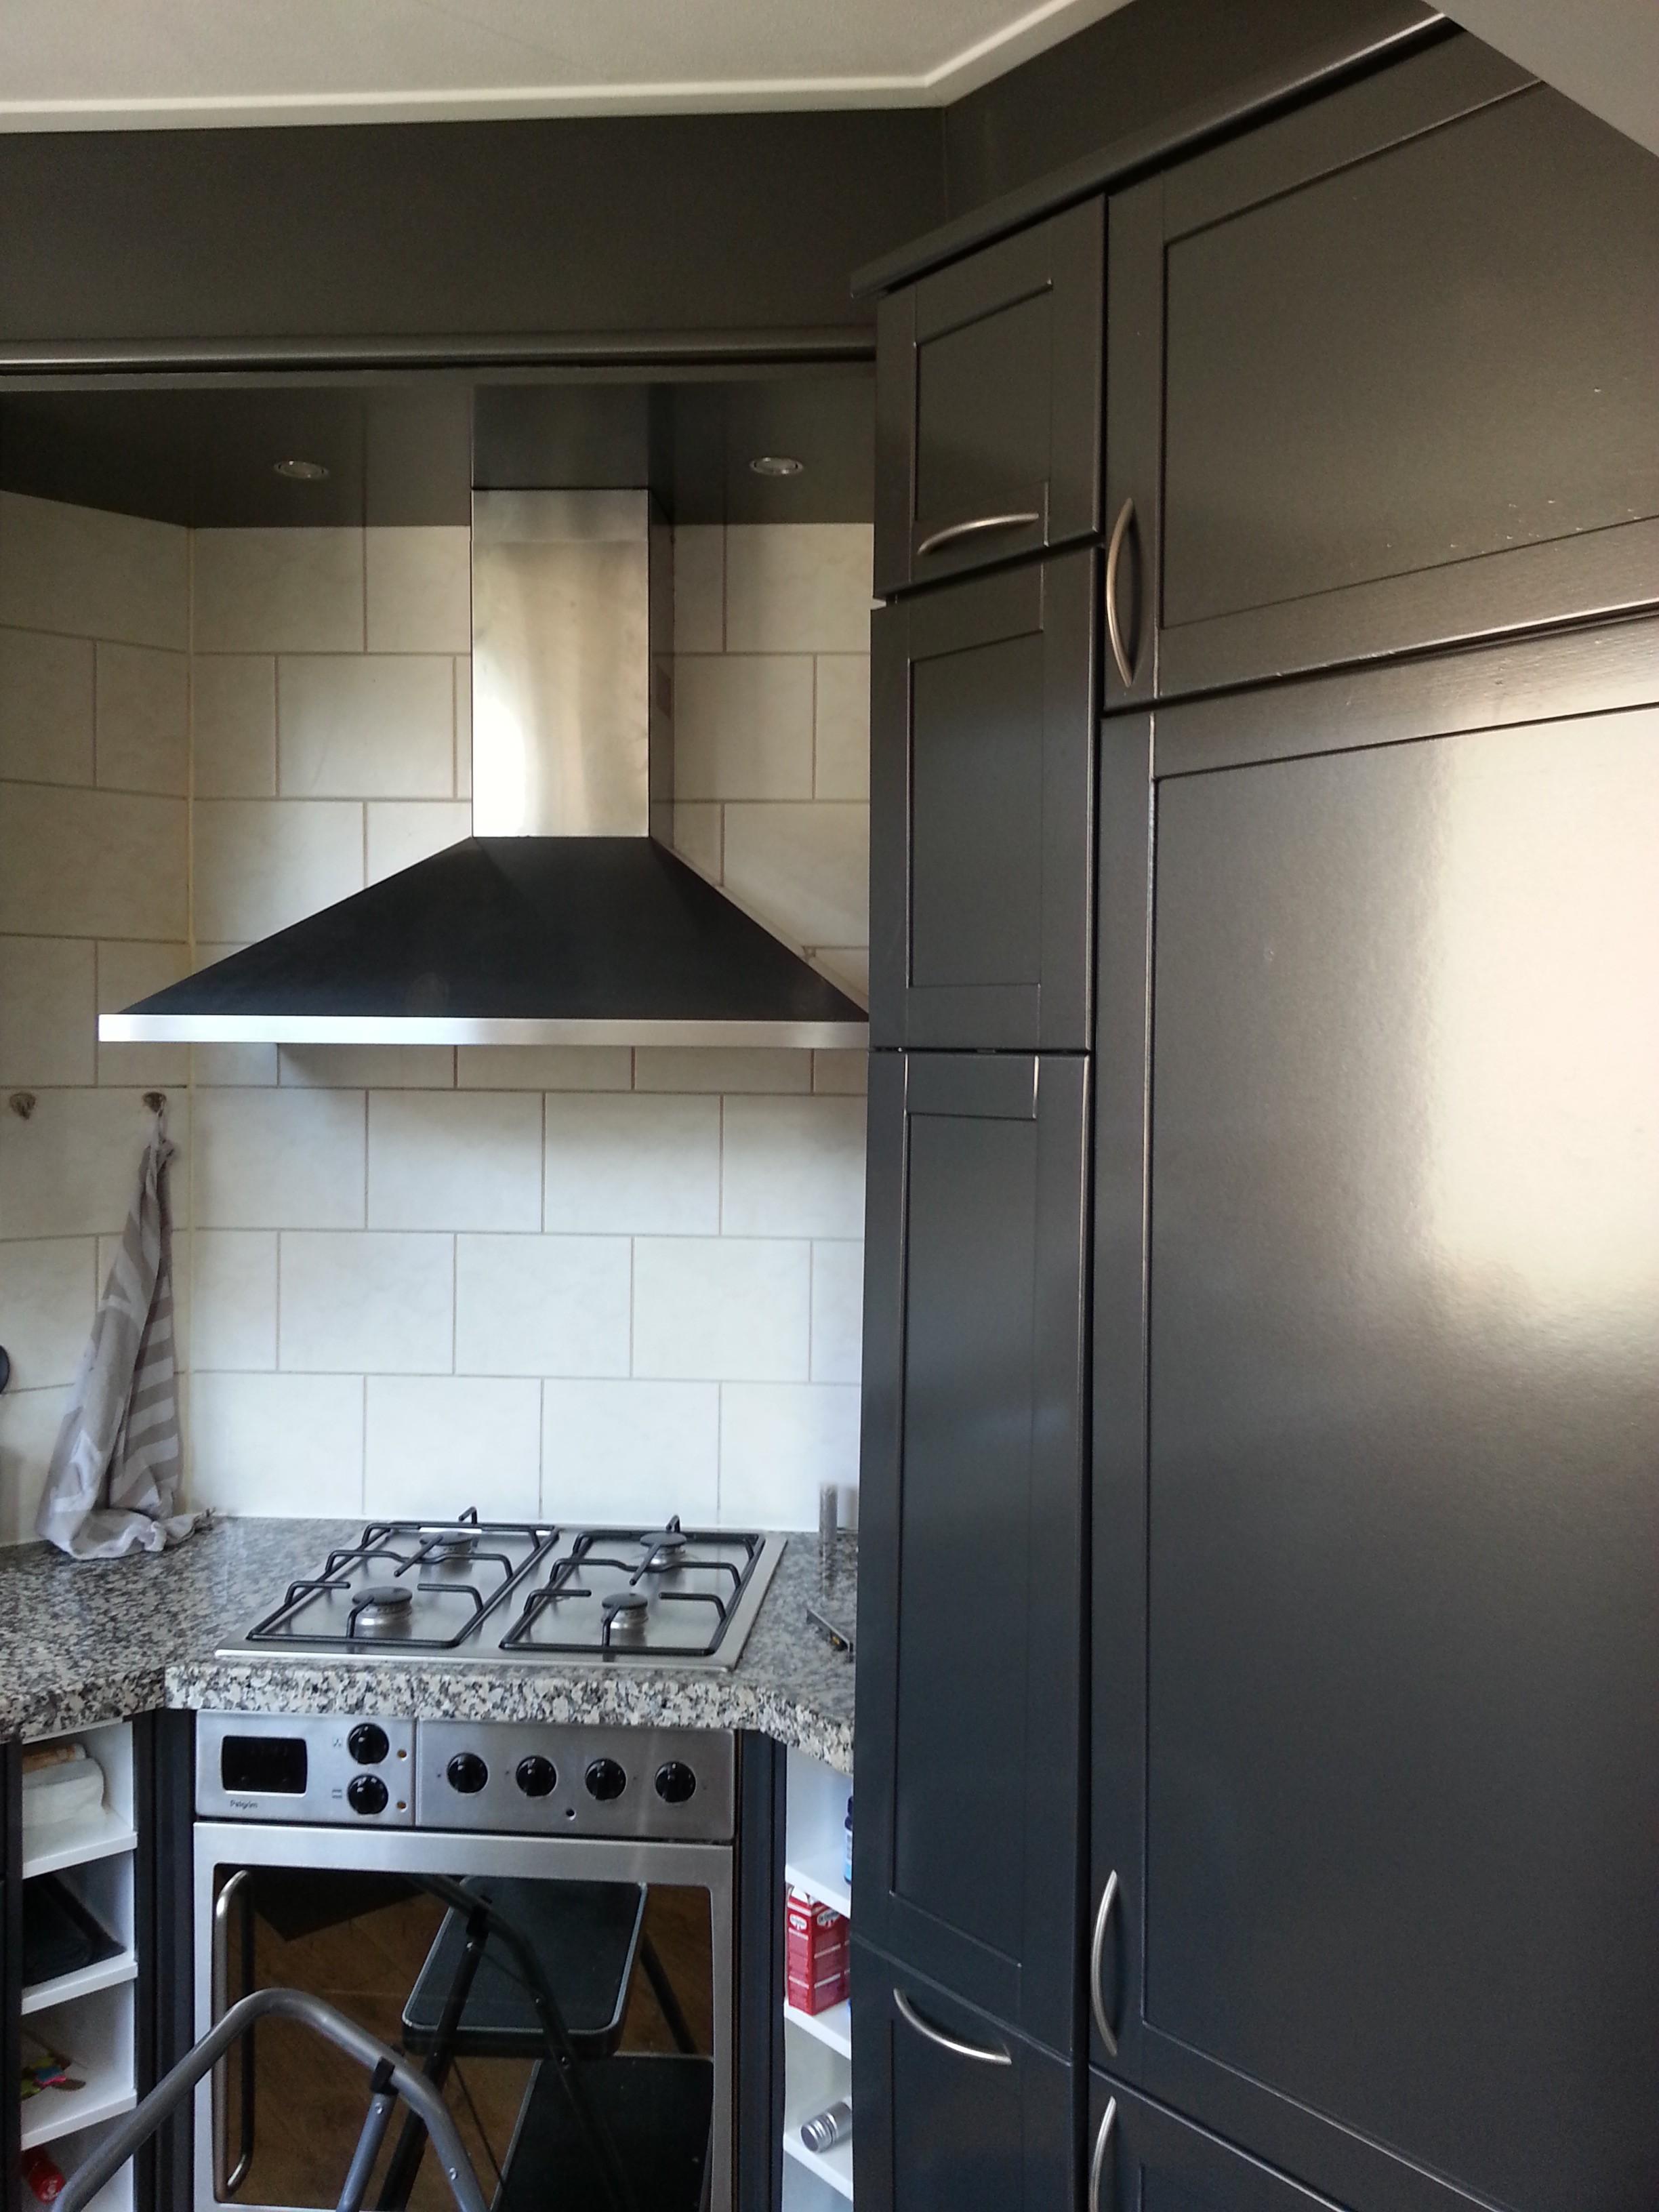 keuken wandtegels grijs : Keuken Van Hout Wit Naar Metallic Grijs